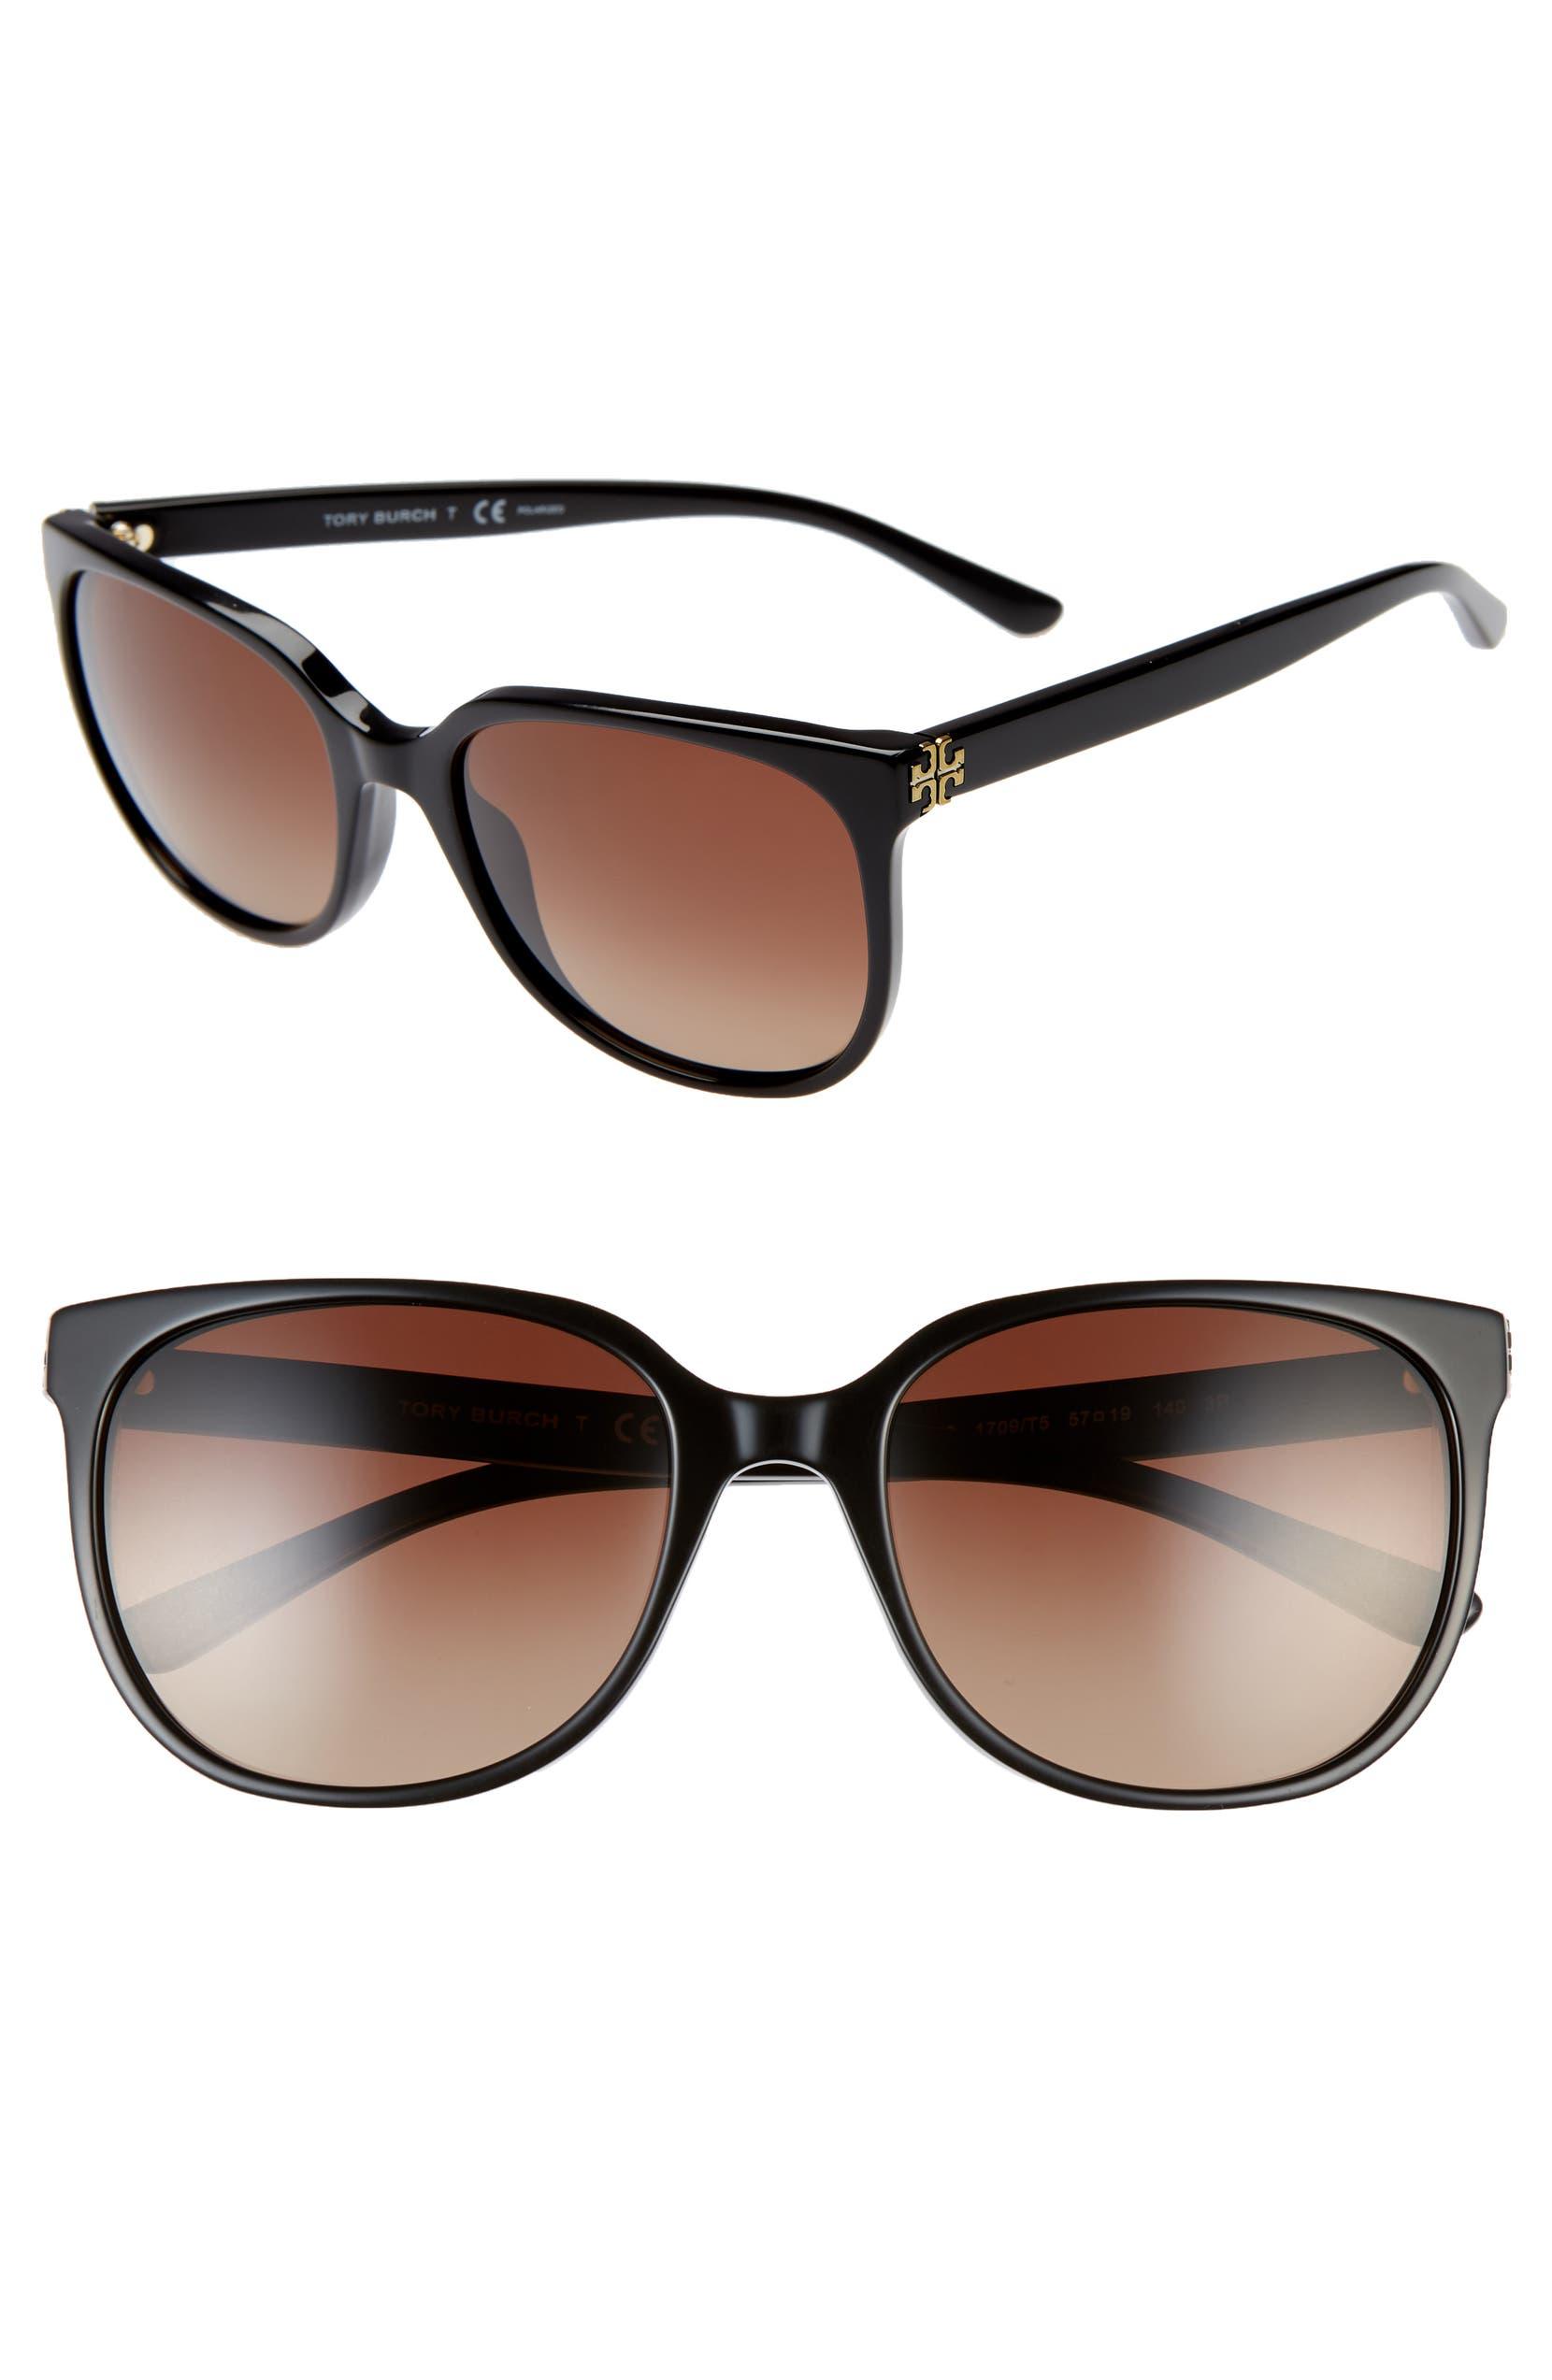 08e50ad0bbc1 Tory Burch Revo 57mm Polarized Square Sunglasses | Nordstrom